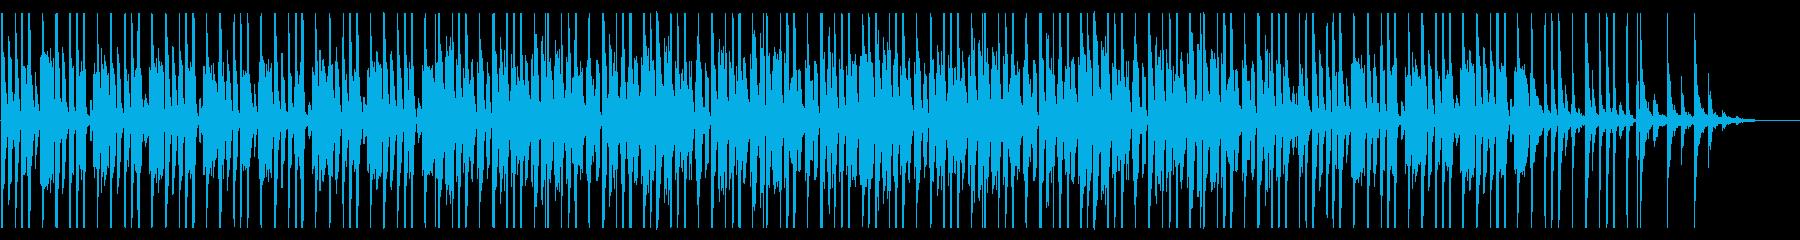 コミカルなファンク_No691_3の再生済みの波形